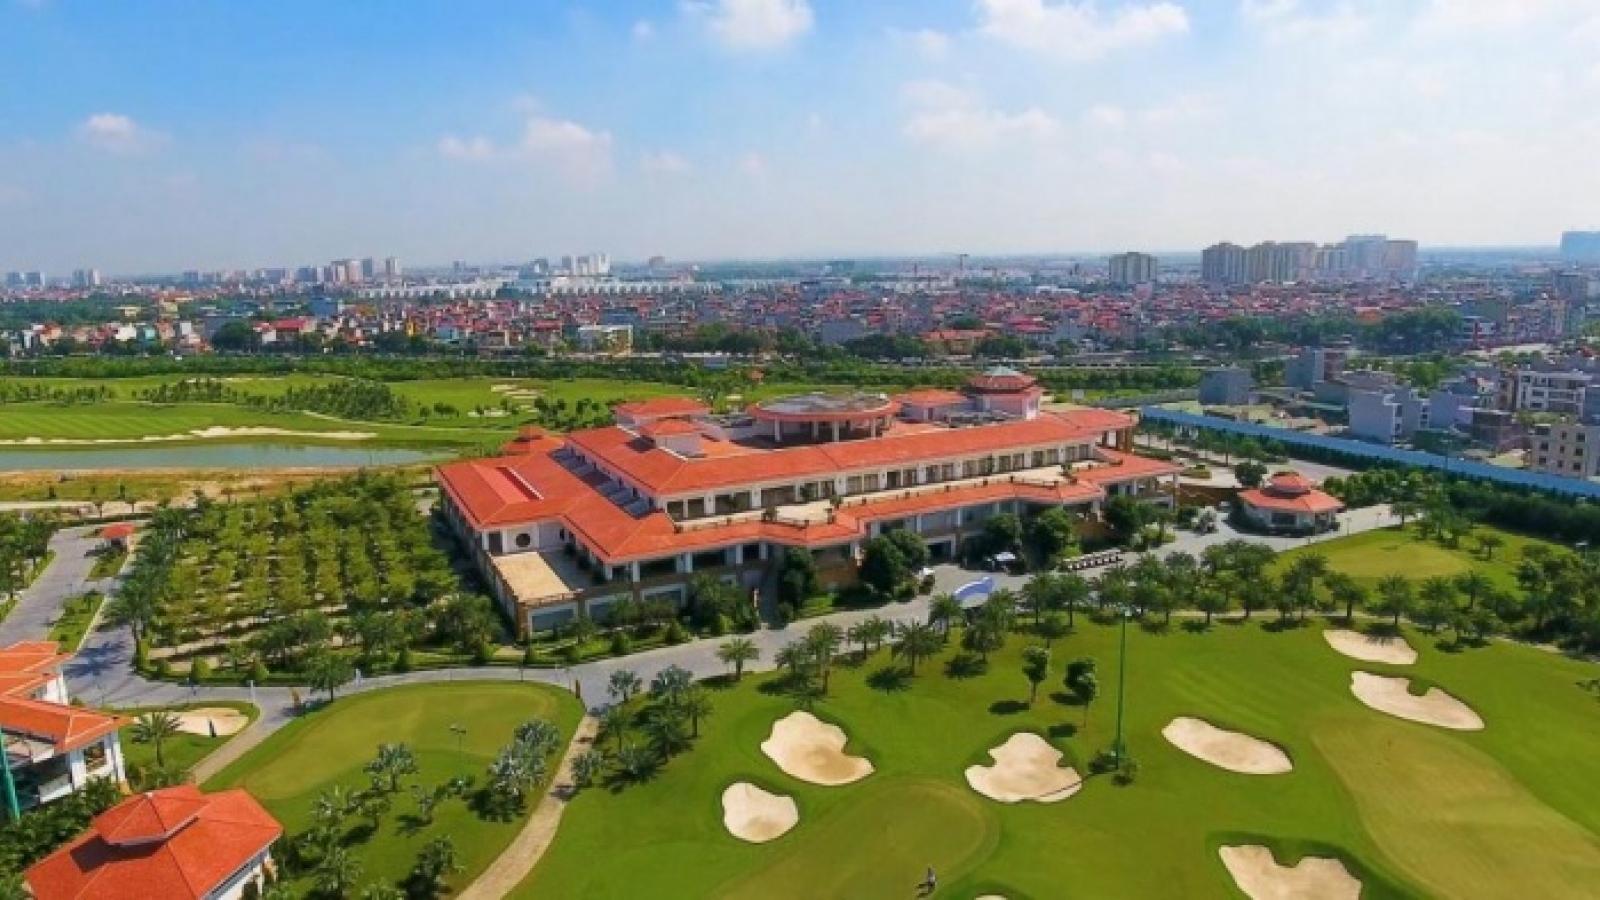 Dự án sân golf Long Biên tuân thủ quy định của pháp luật